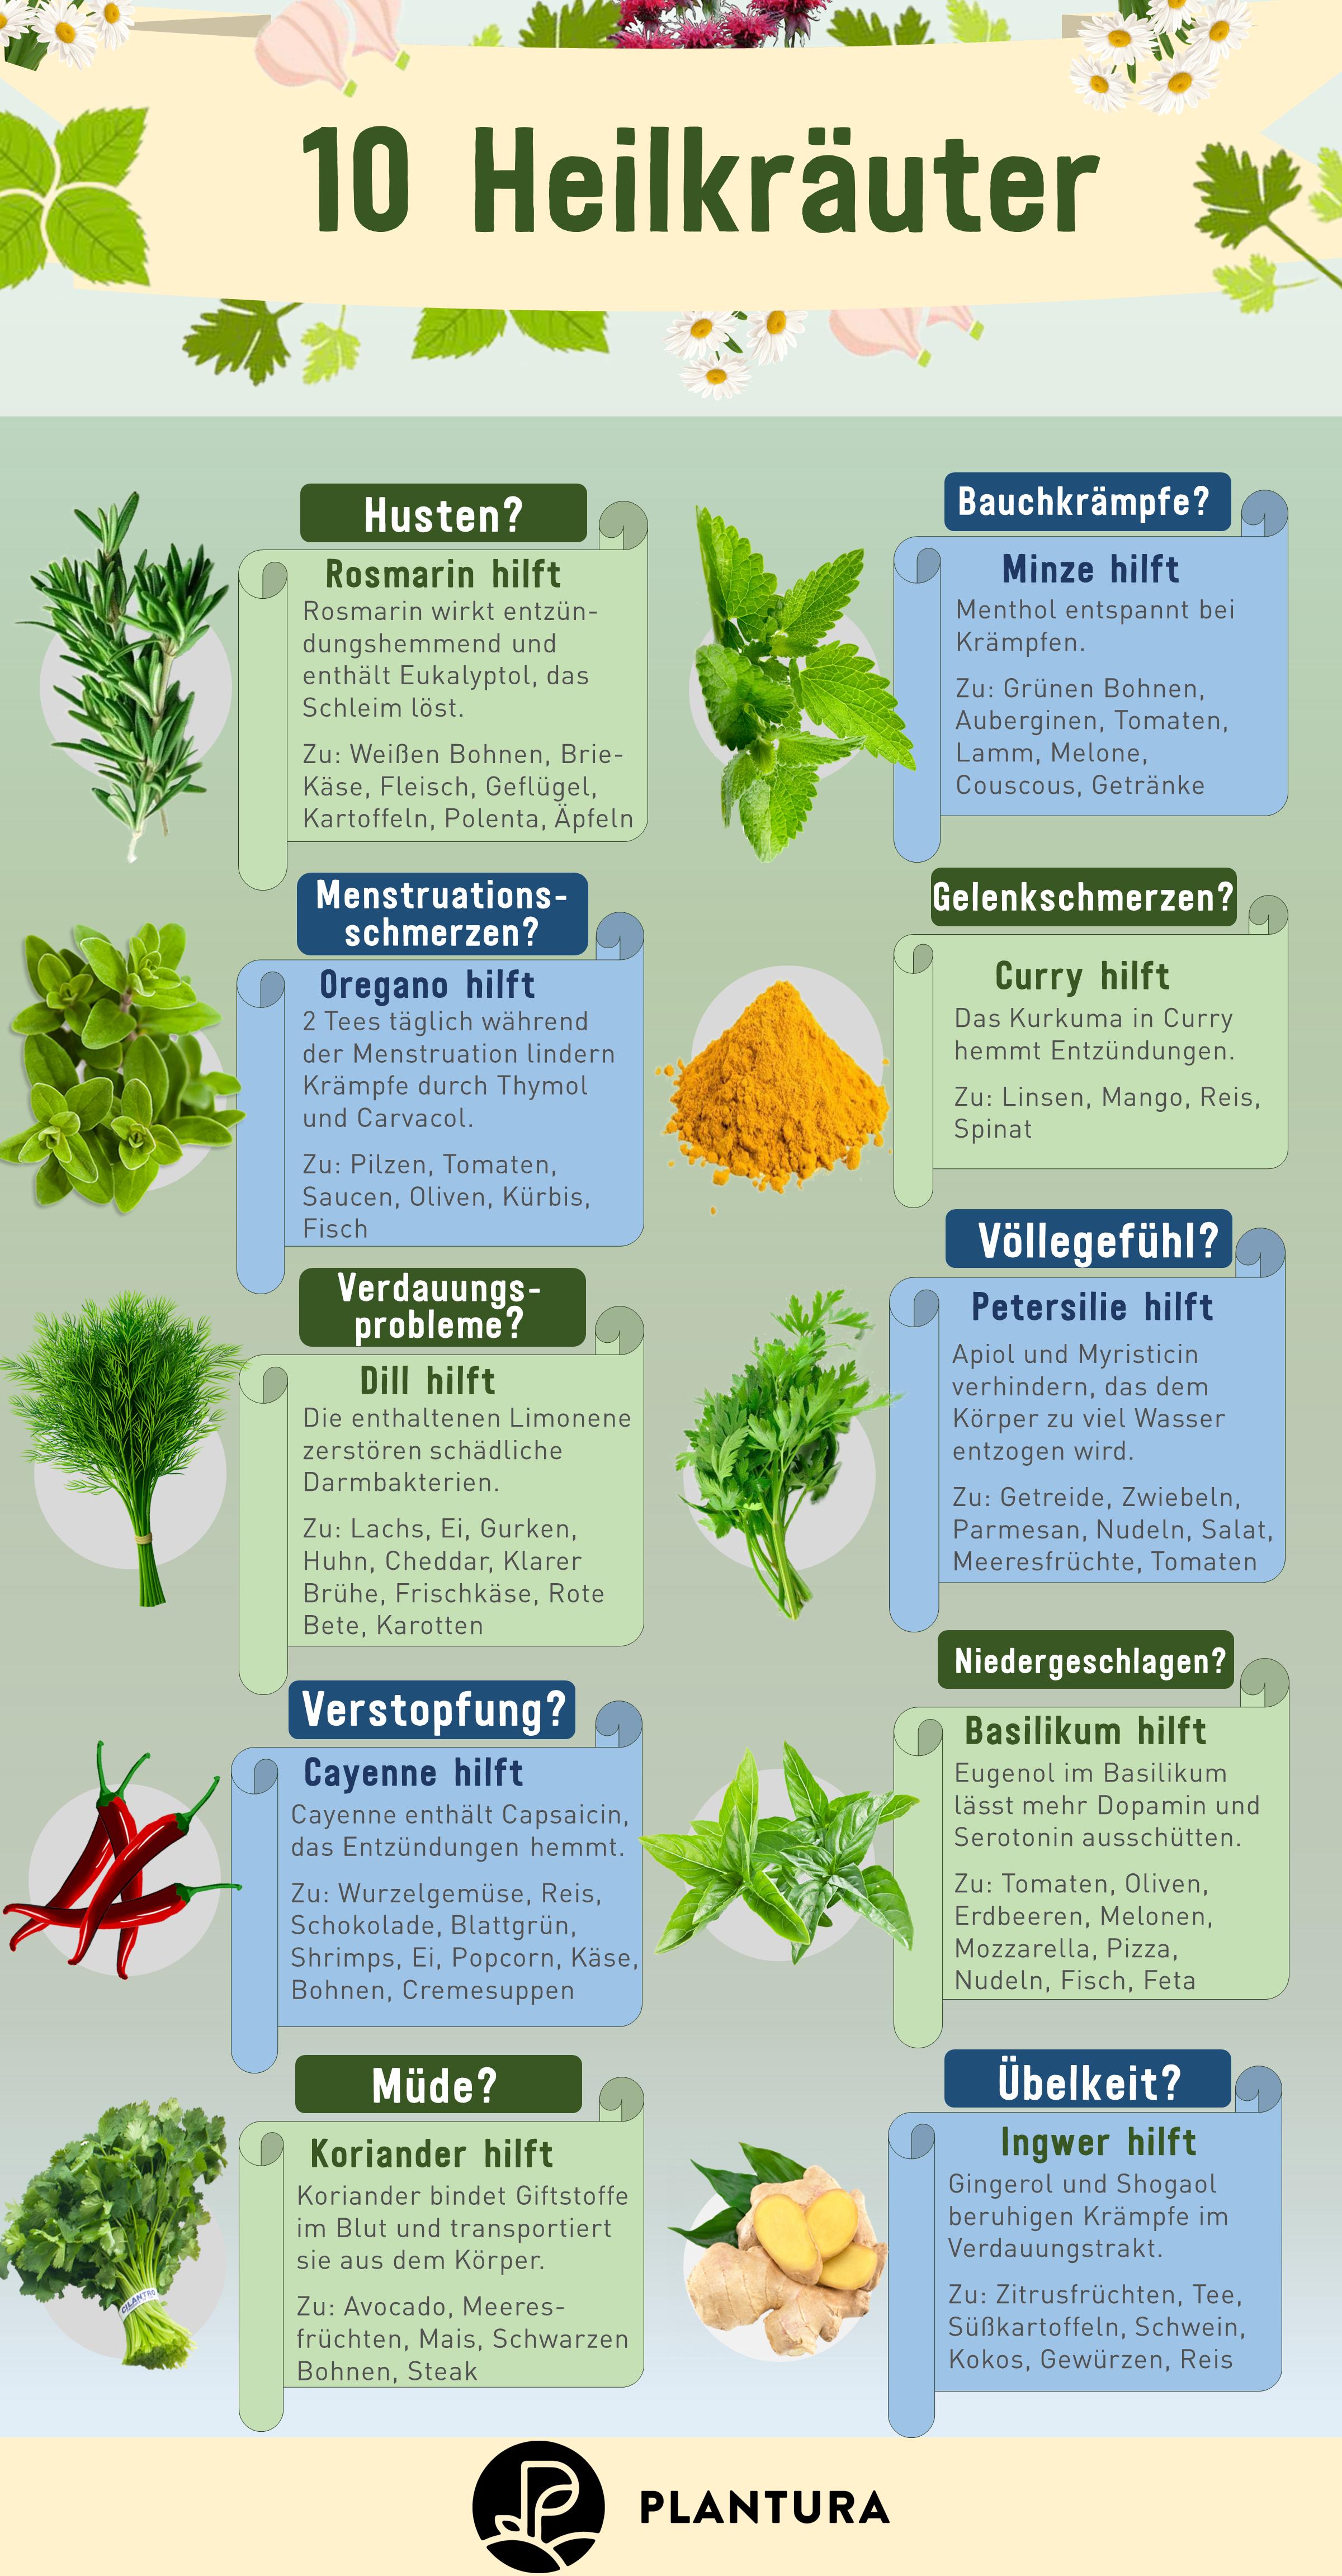 Die 10 Besten Heilpflanzen Aus Dem Eigenen Garten Plantura Heilpflanzen Pflanzen Gesunde Krauter